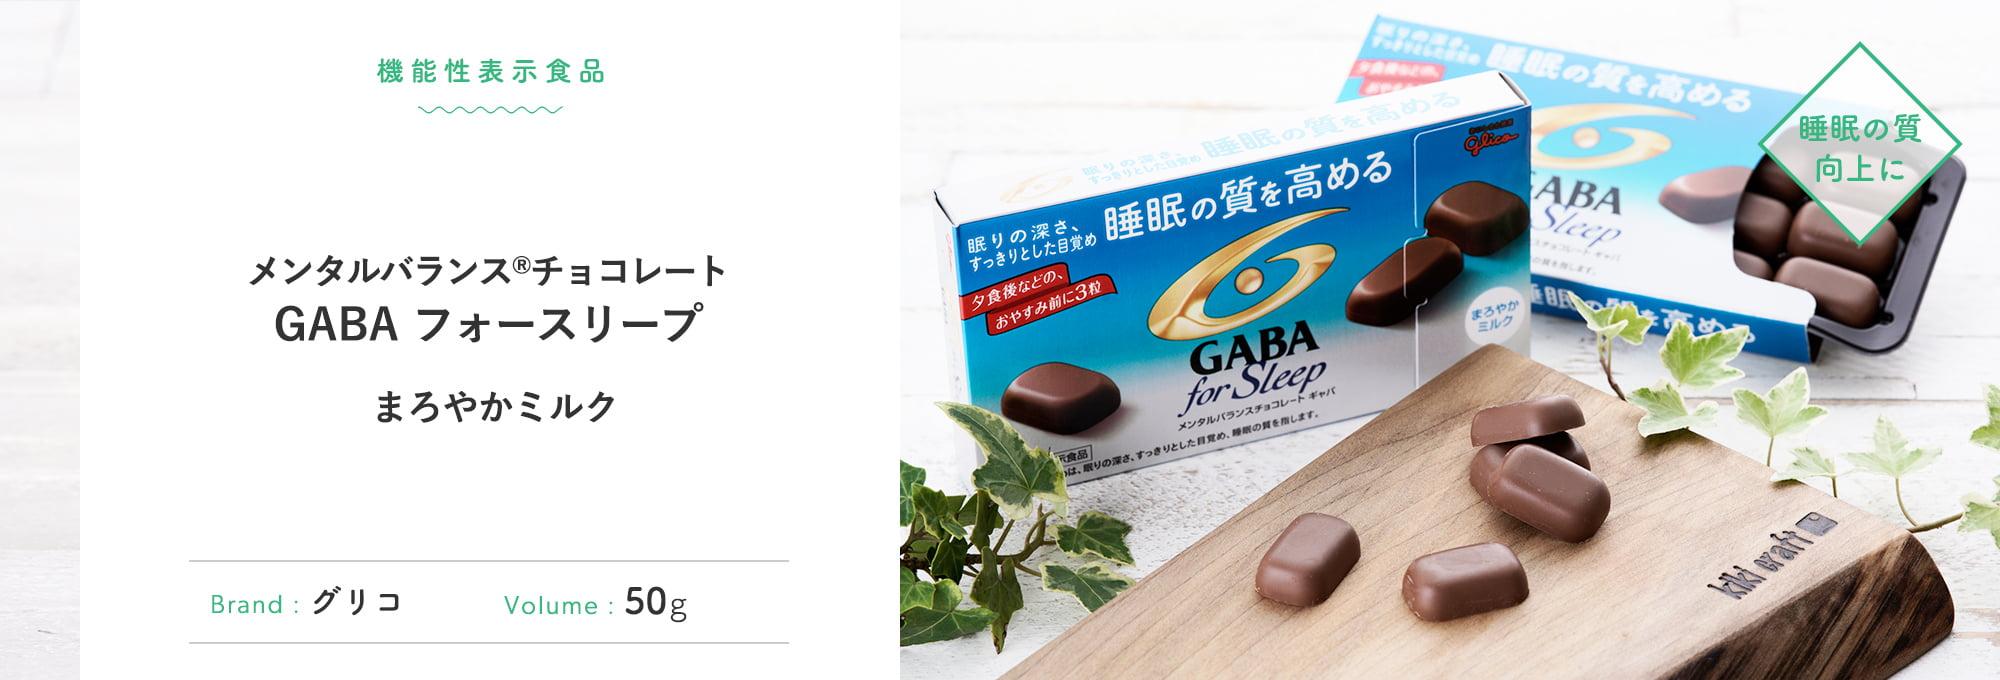 メンタルバランス®︎チョコレート GABA フォースリープ